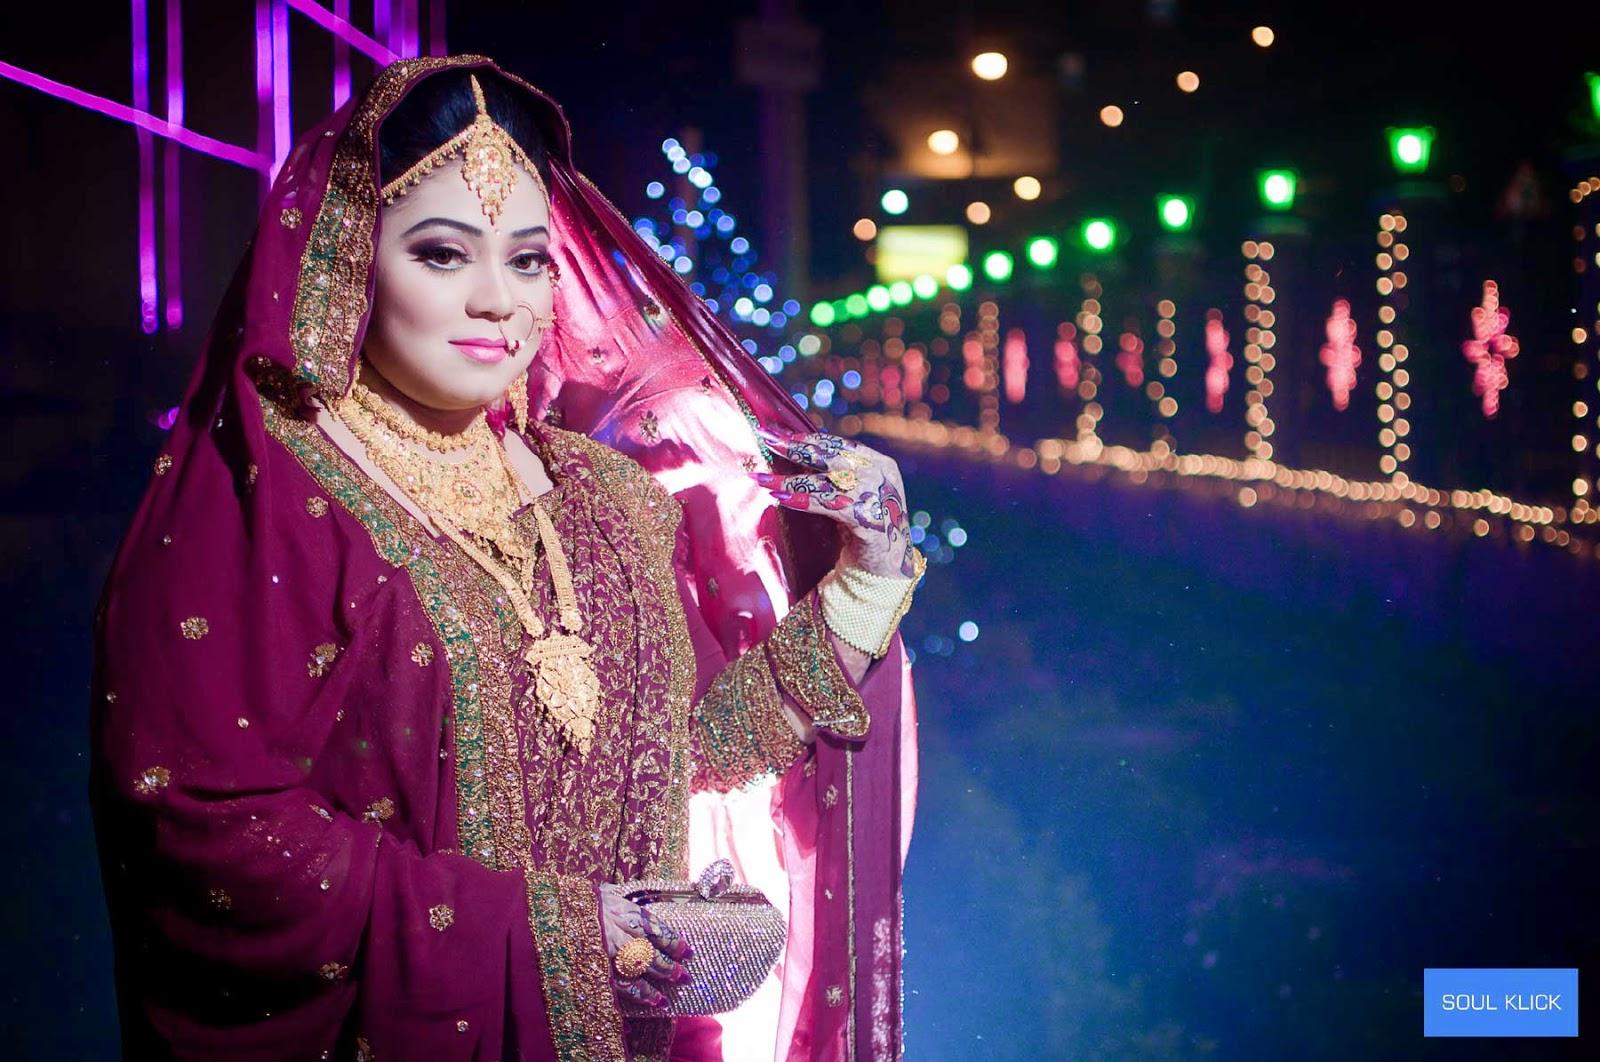 Soul in wedding